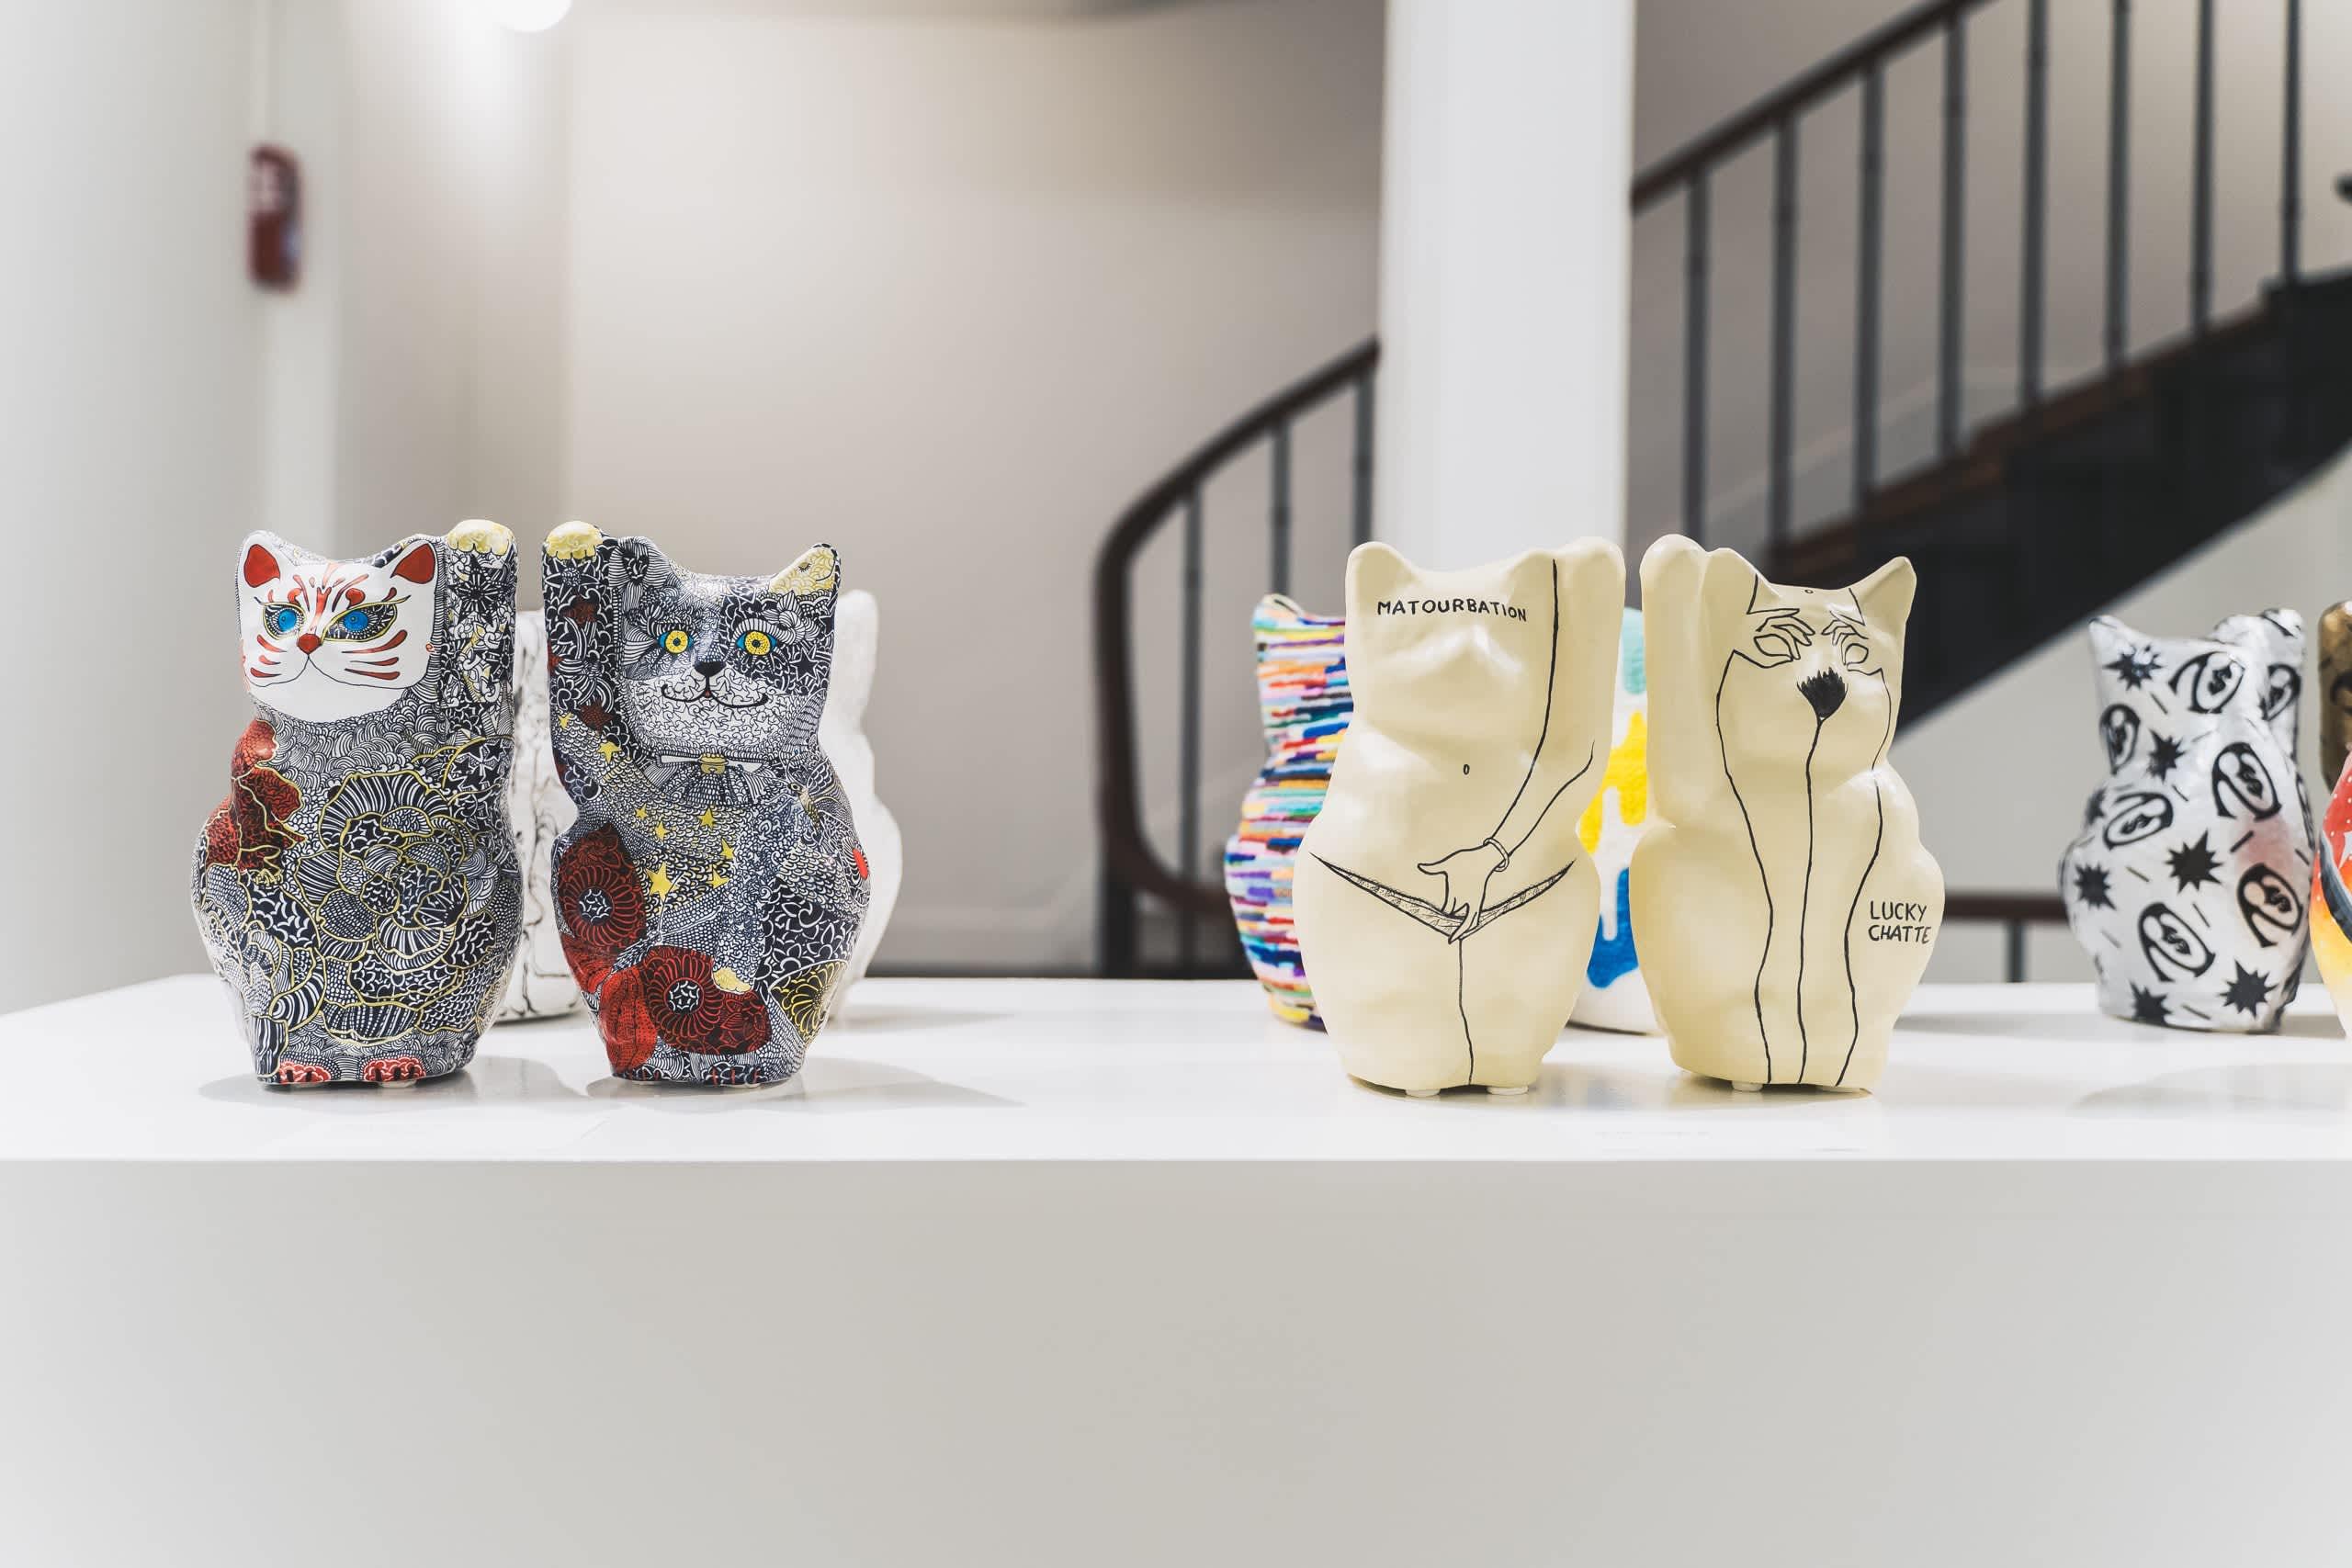 exposition a lucky cat art exhibition - Sato creative - Paris - artistes français-japonais- sid lee